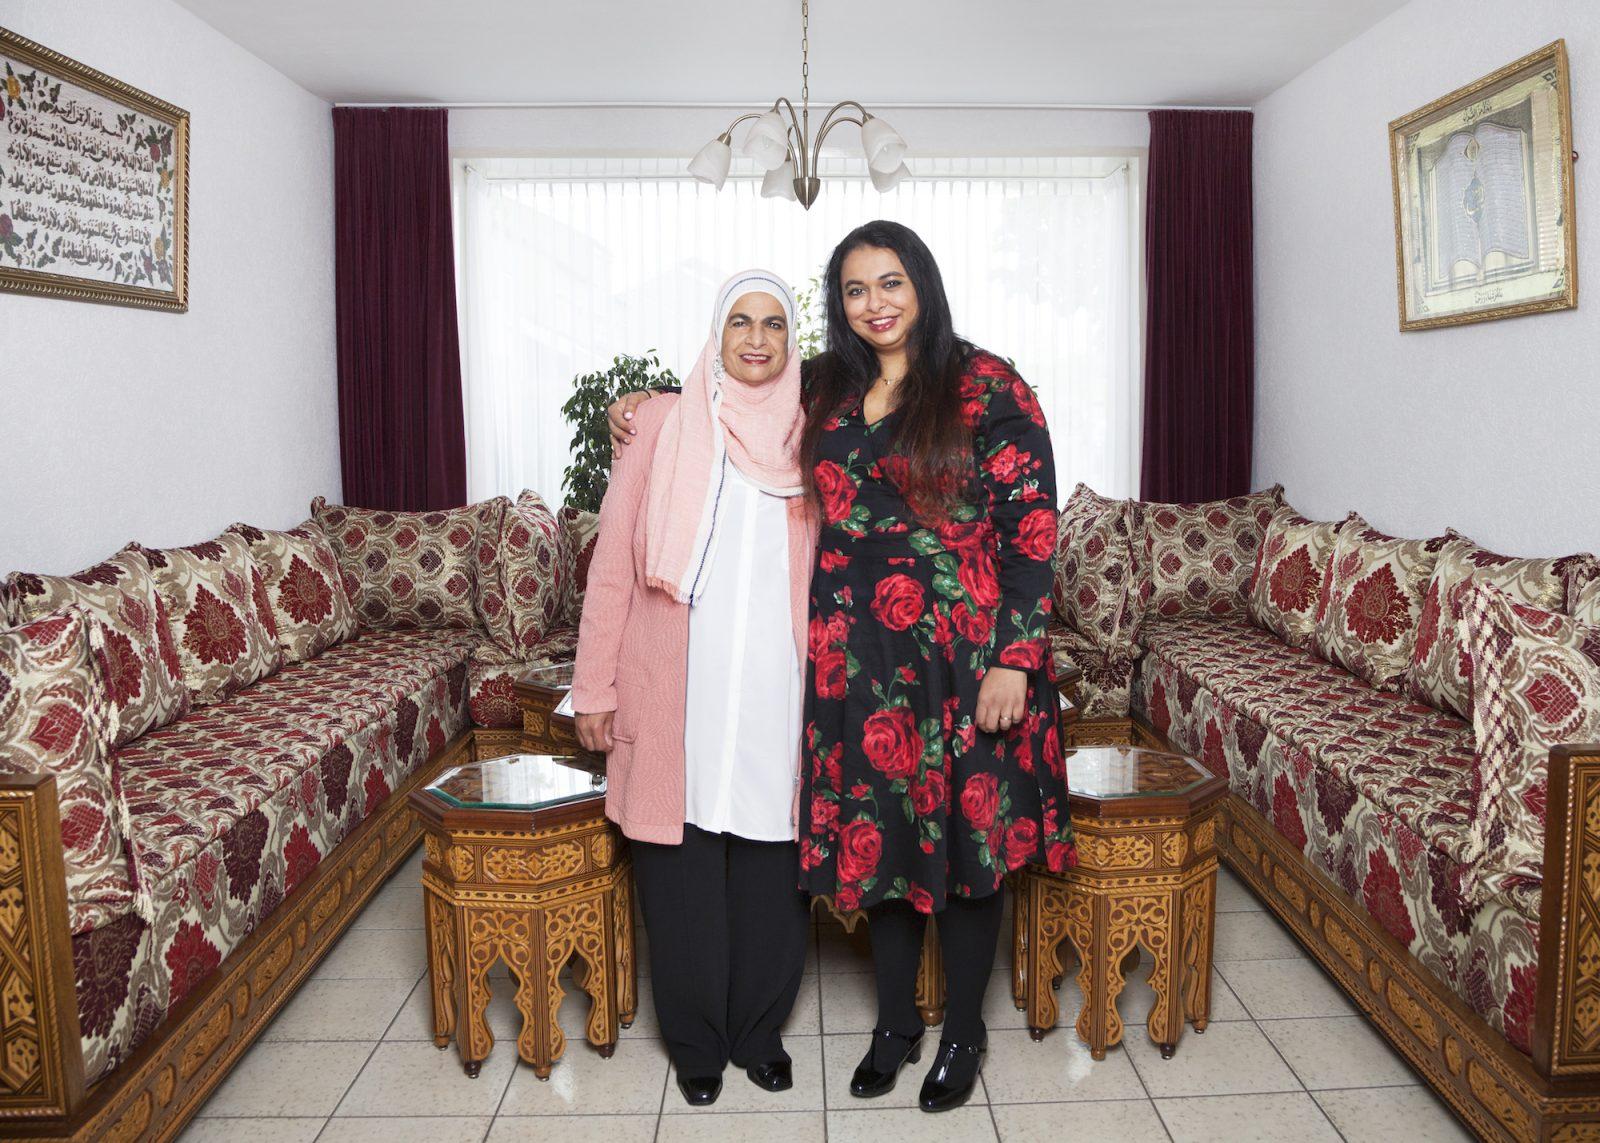 mij en mijn moeder seks